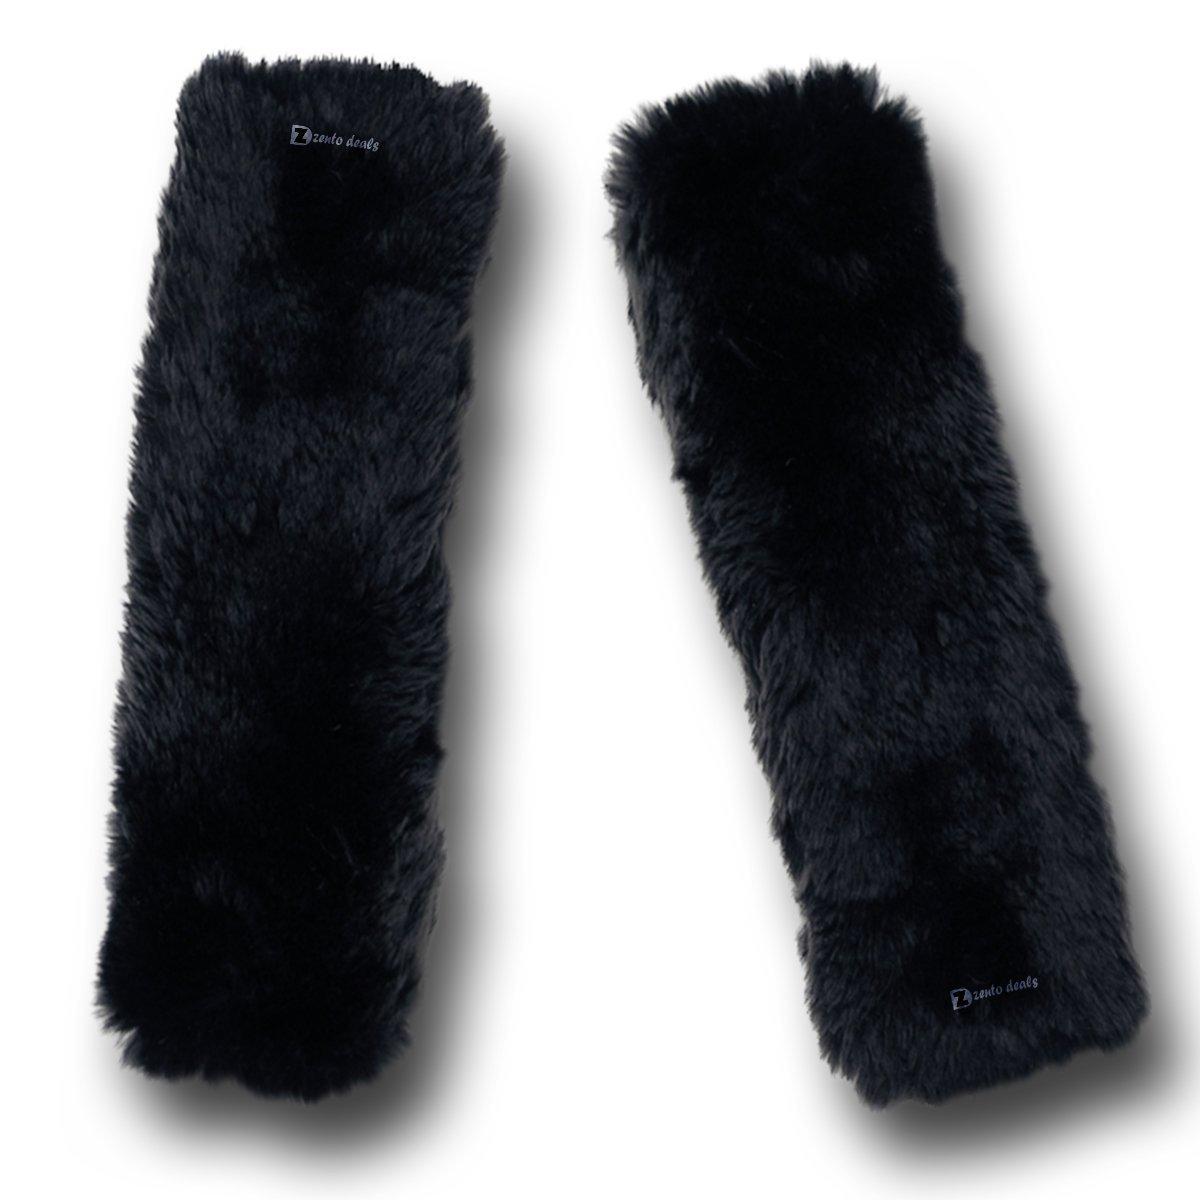 Der weiche, schwarze Schulterpolster von Zento Deals aus Kunstschaffell ist ein Muss fü r alle Autobesitzer, die mehr Fahrkomfort wü nschen. WC8